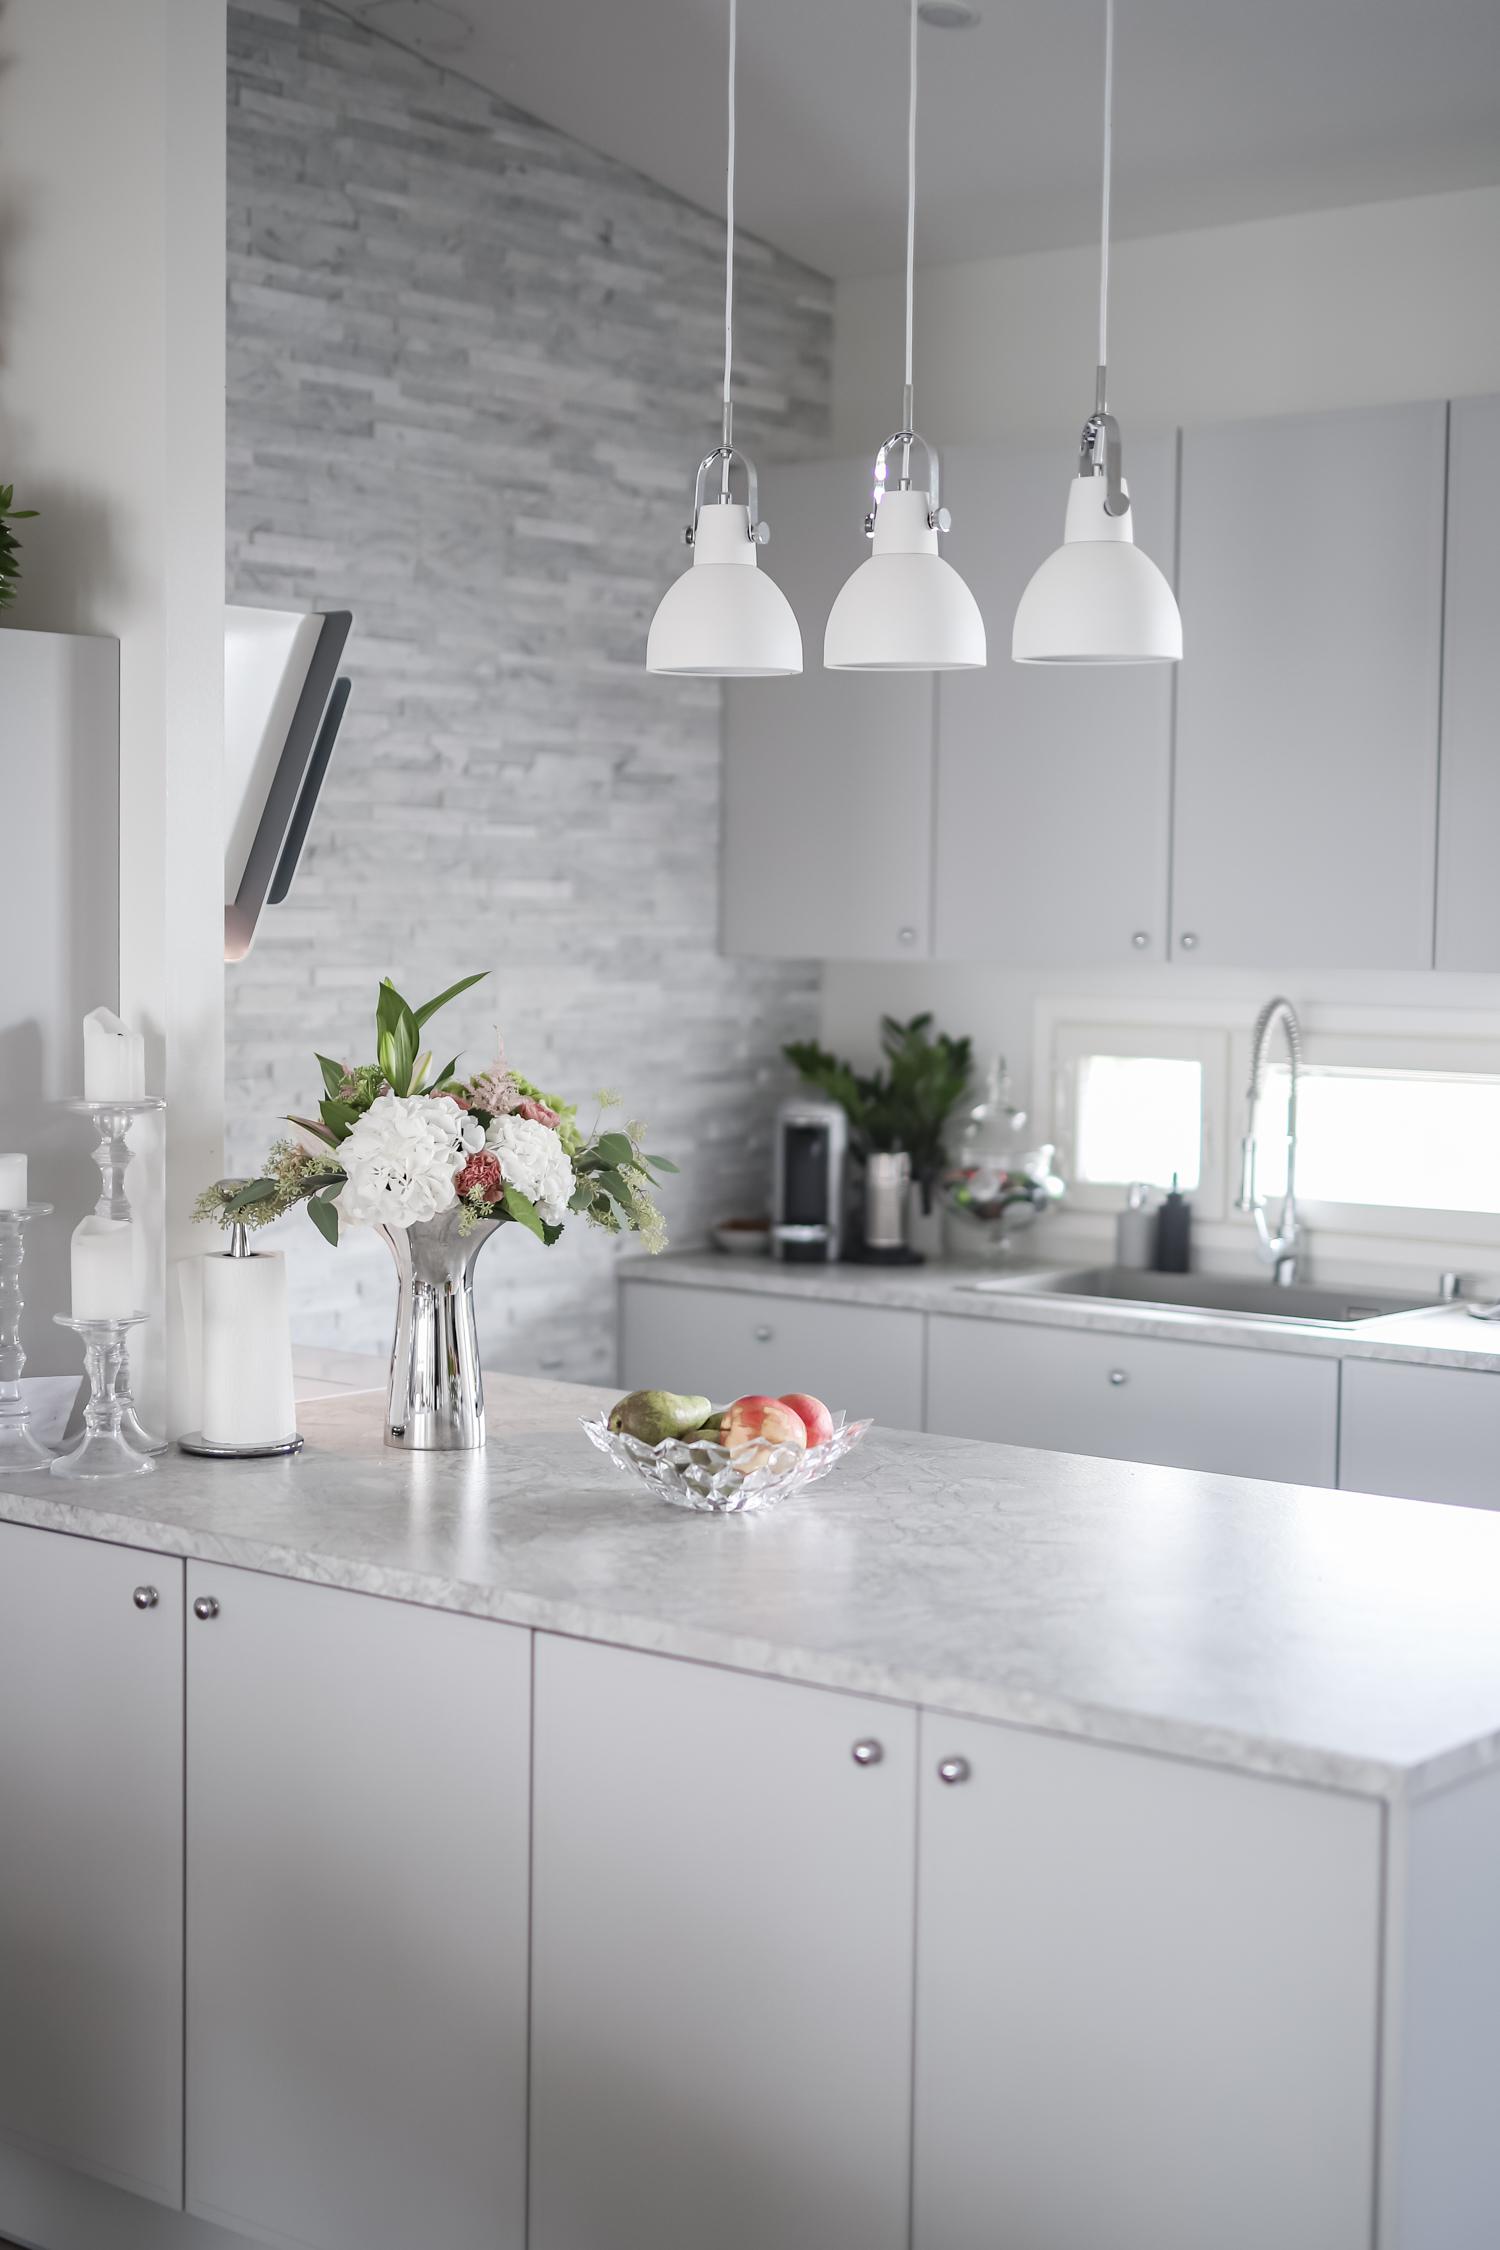 Kaunis, käytännöllinen keittiömme